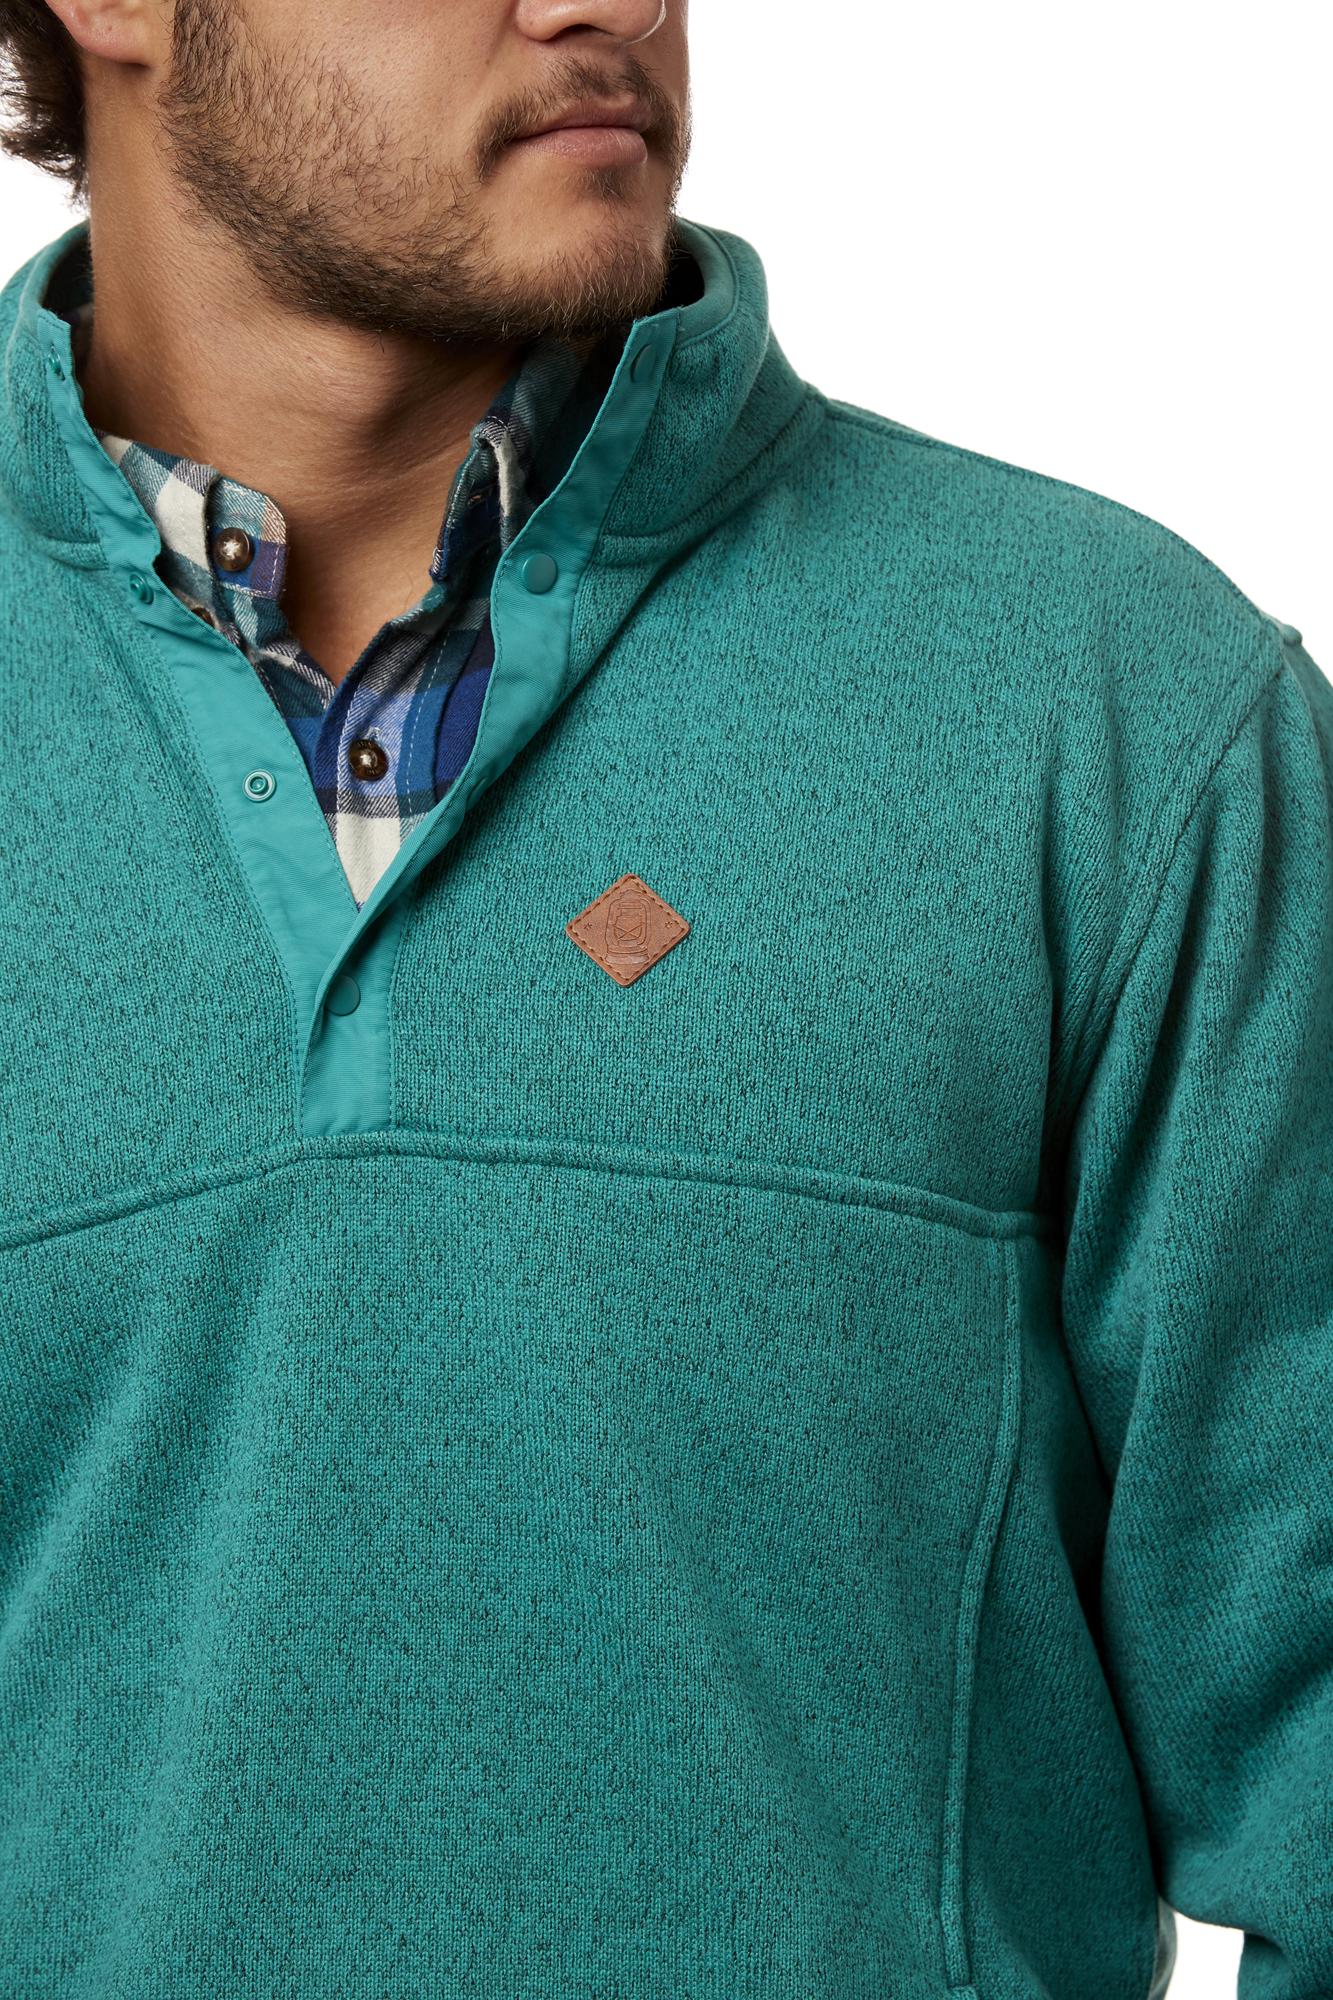 BL-Fall-17-massey-pullover-ivy-8553.jpg